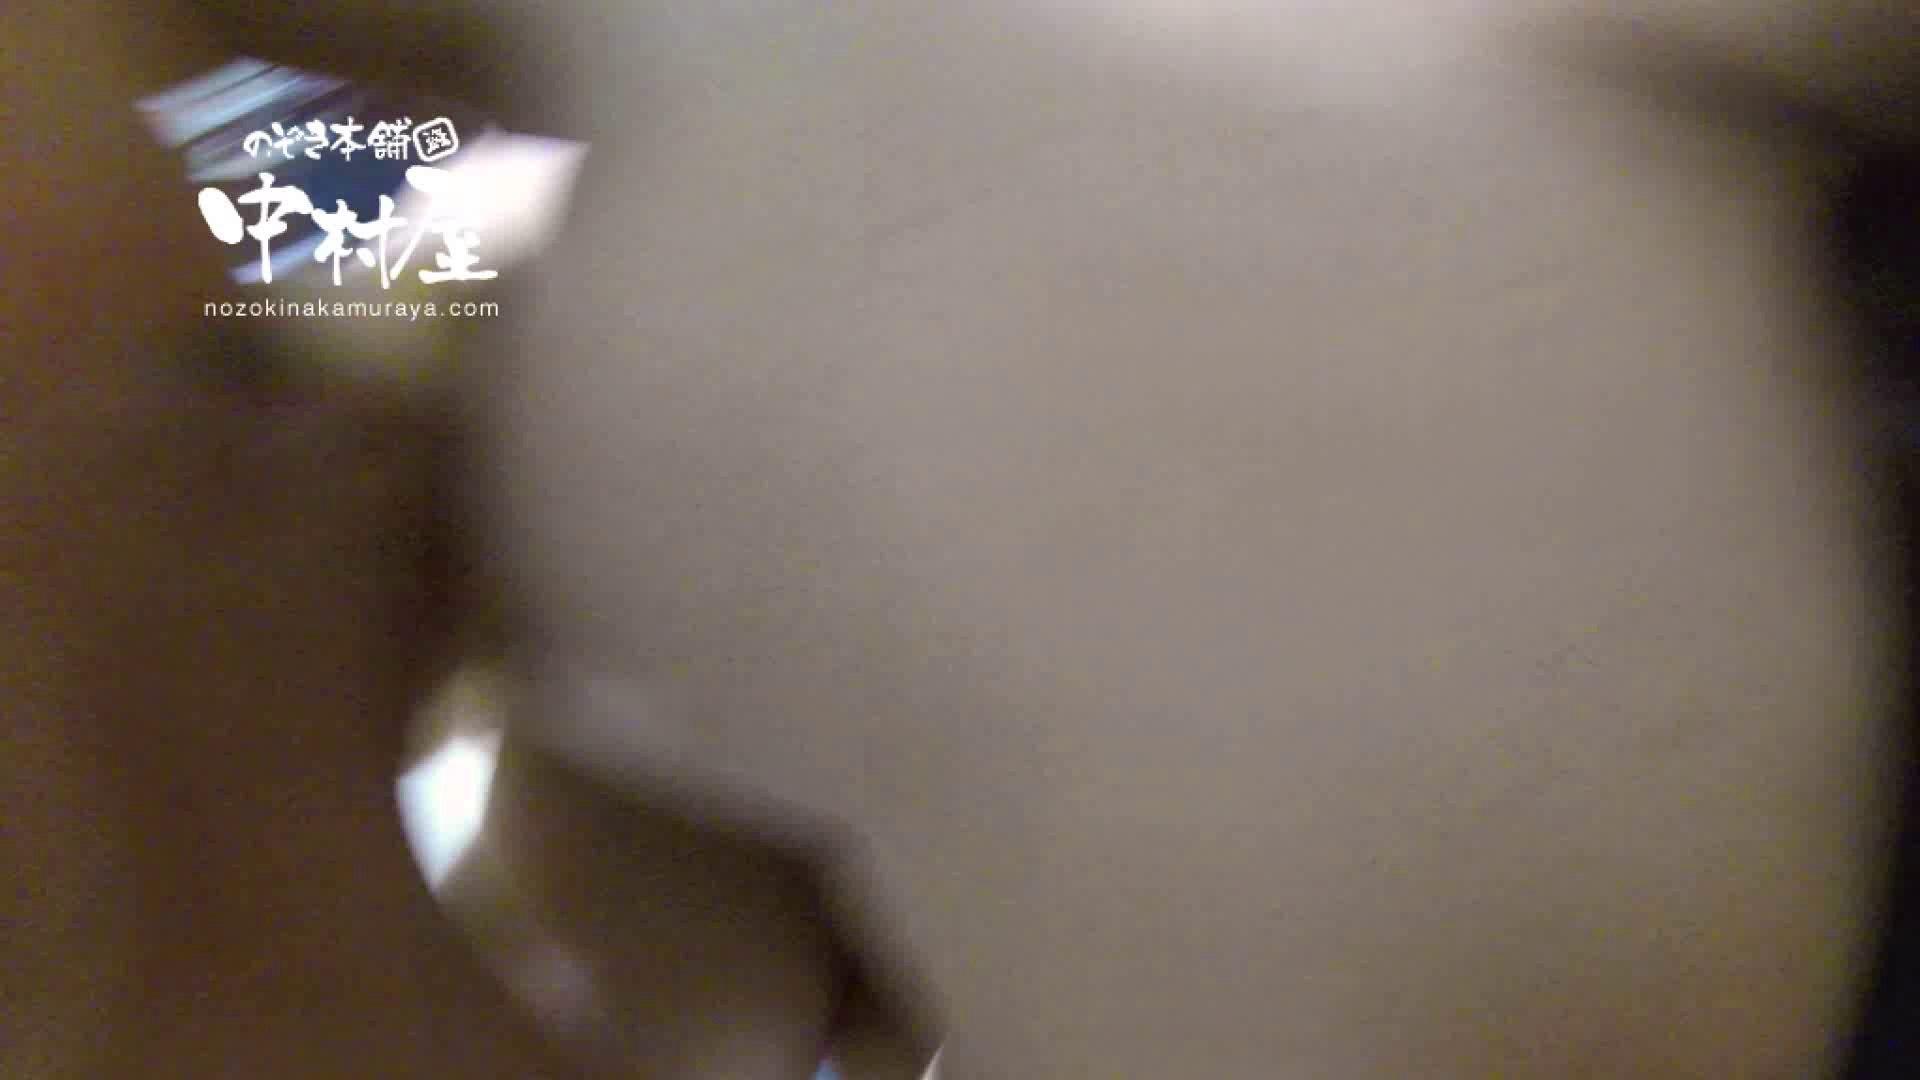 鬼畜 vol.14 小生意気なおなごにはペナルティー 後編 独身エッチOL | 鬼畜  106pic 105